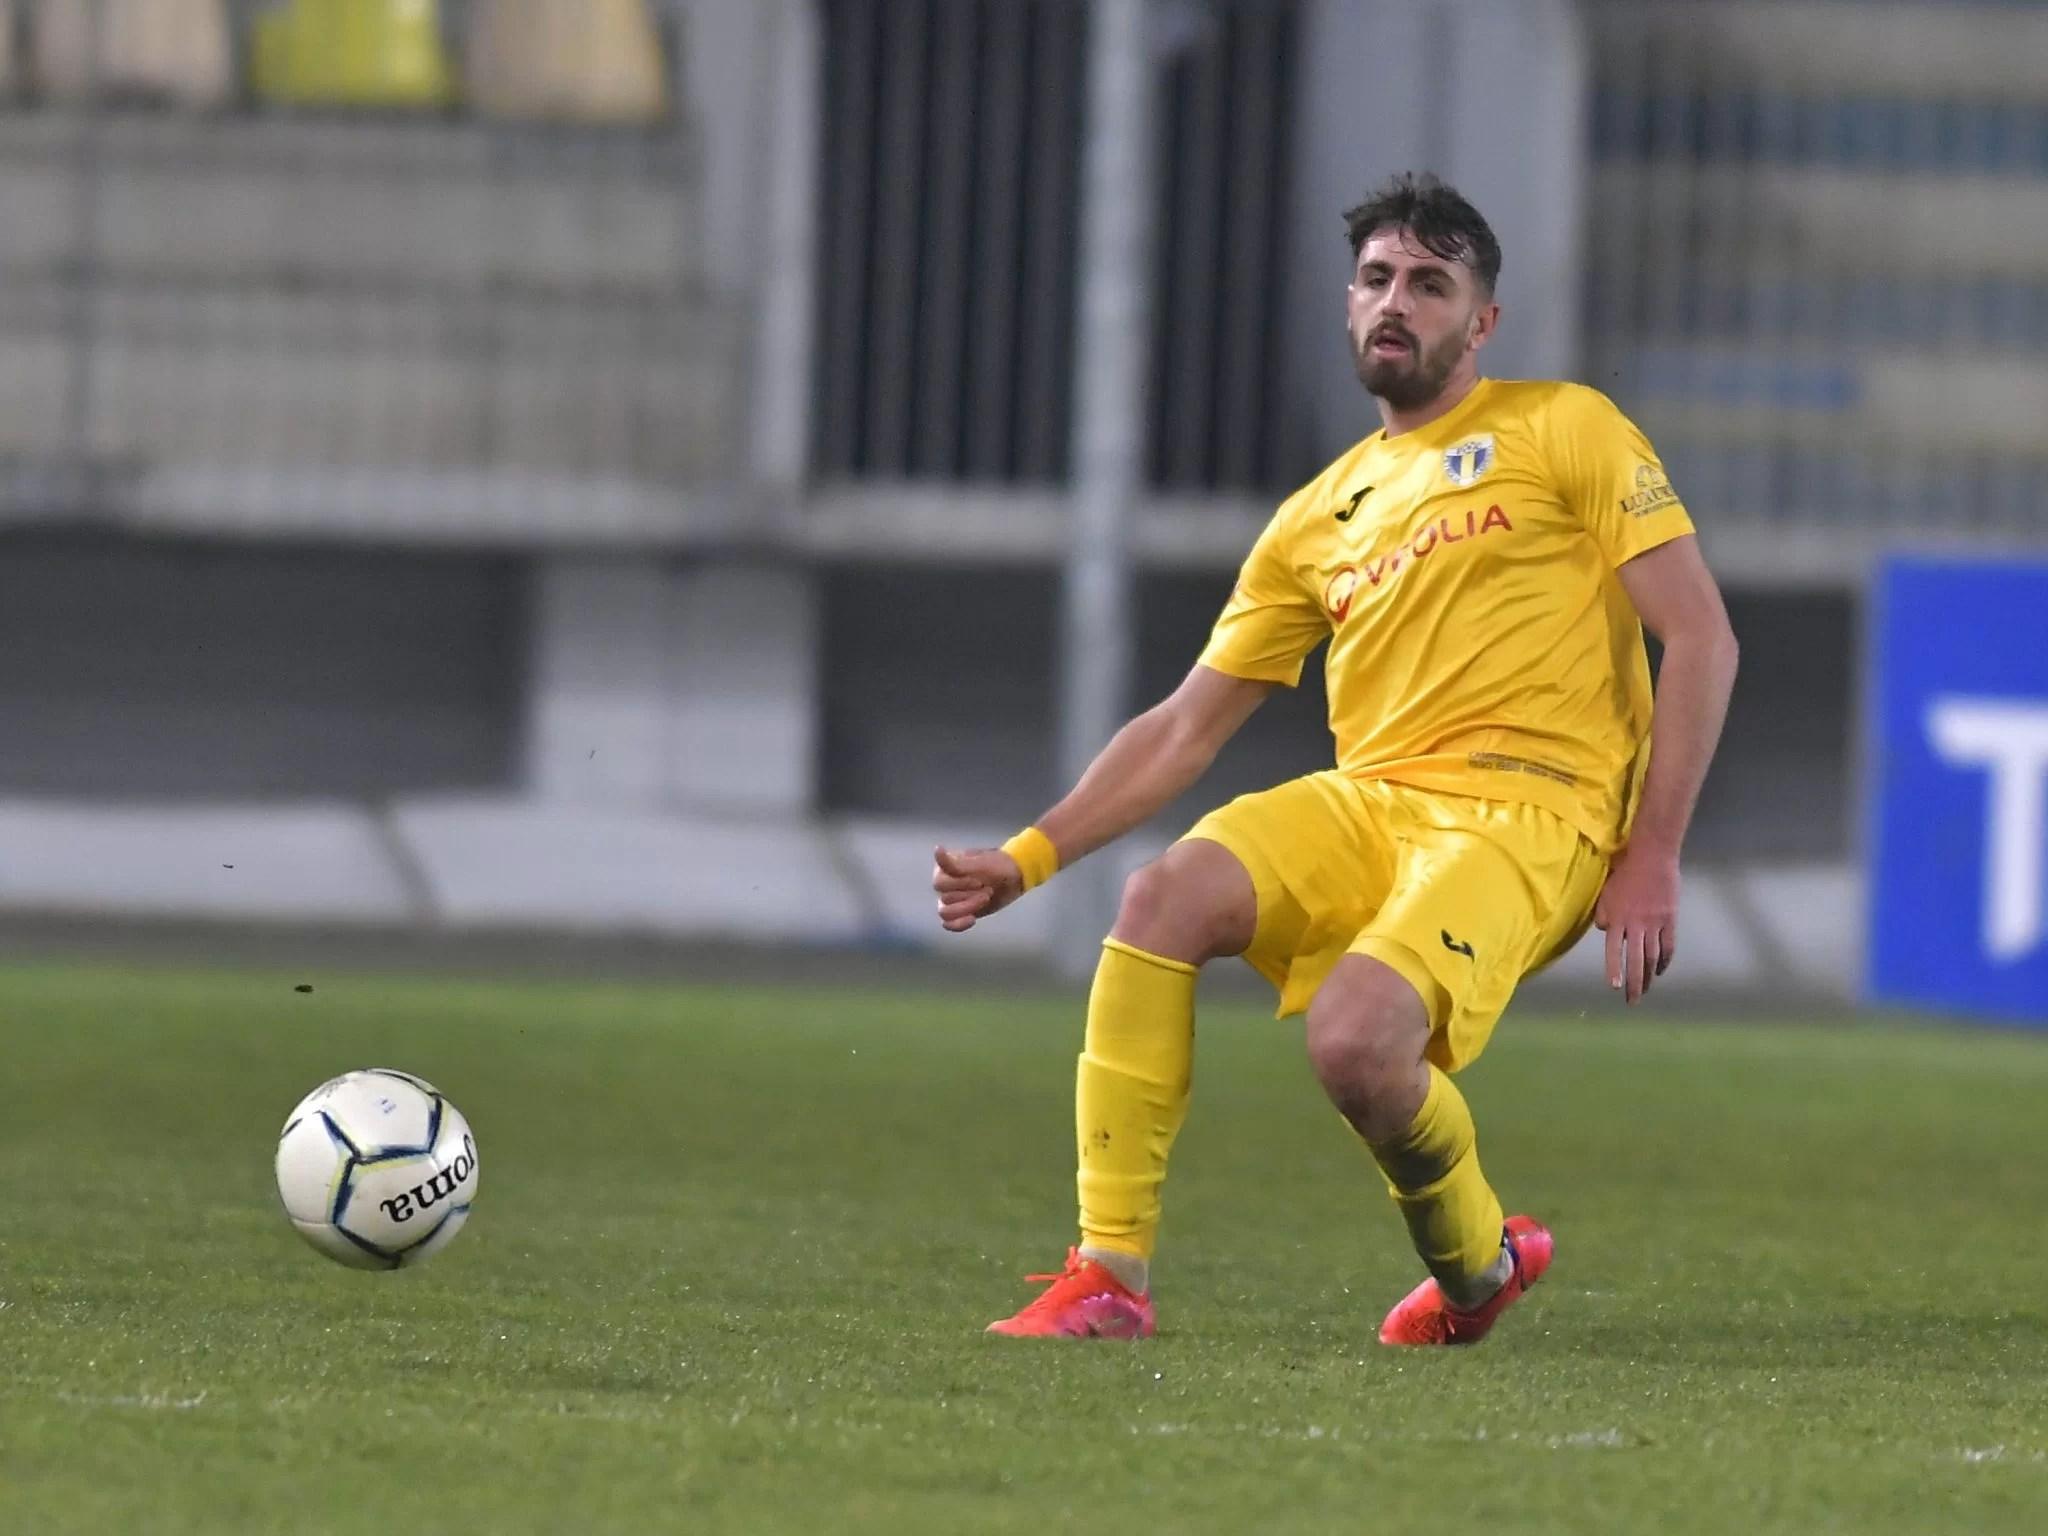 """Povestea reală a venirii și… a plecării lui Nir Lax la/de la Petrolul. Fostul căpitan al lui Hapoel Tel Aviv a fost unul dintre cei mai titrați fotbaliști din lotul """"lupilor"""" și cel mai disciplinat tactic!"""